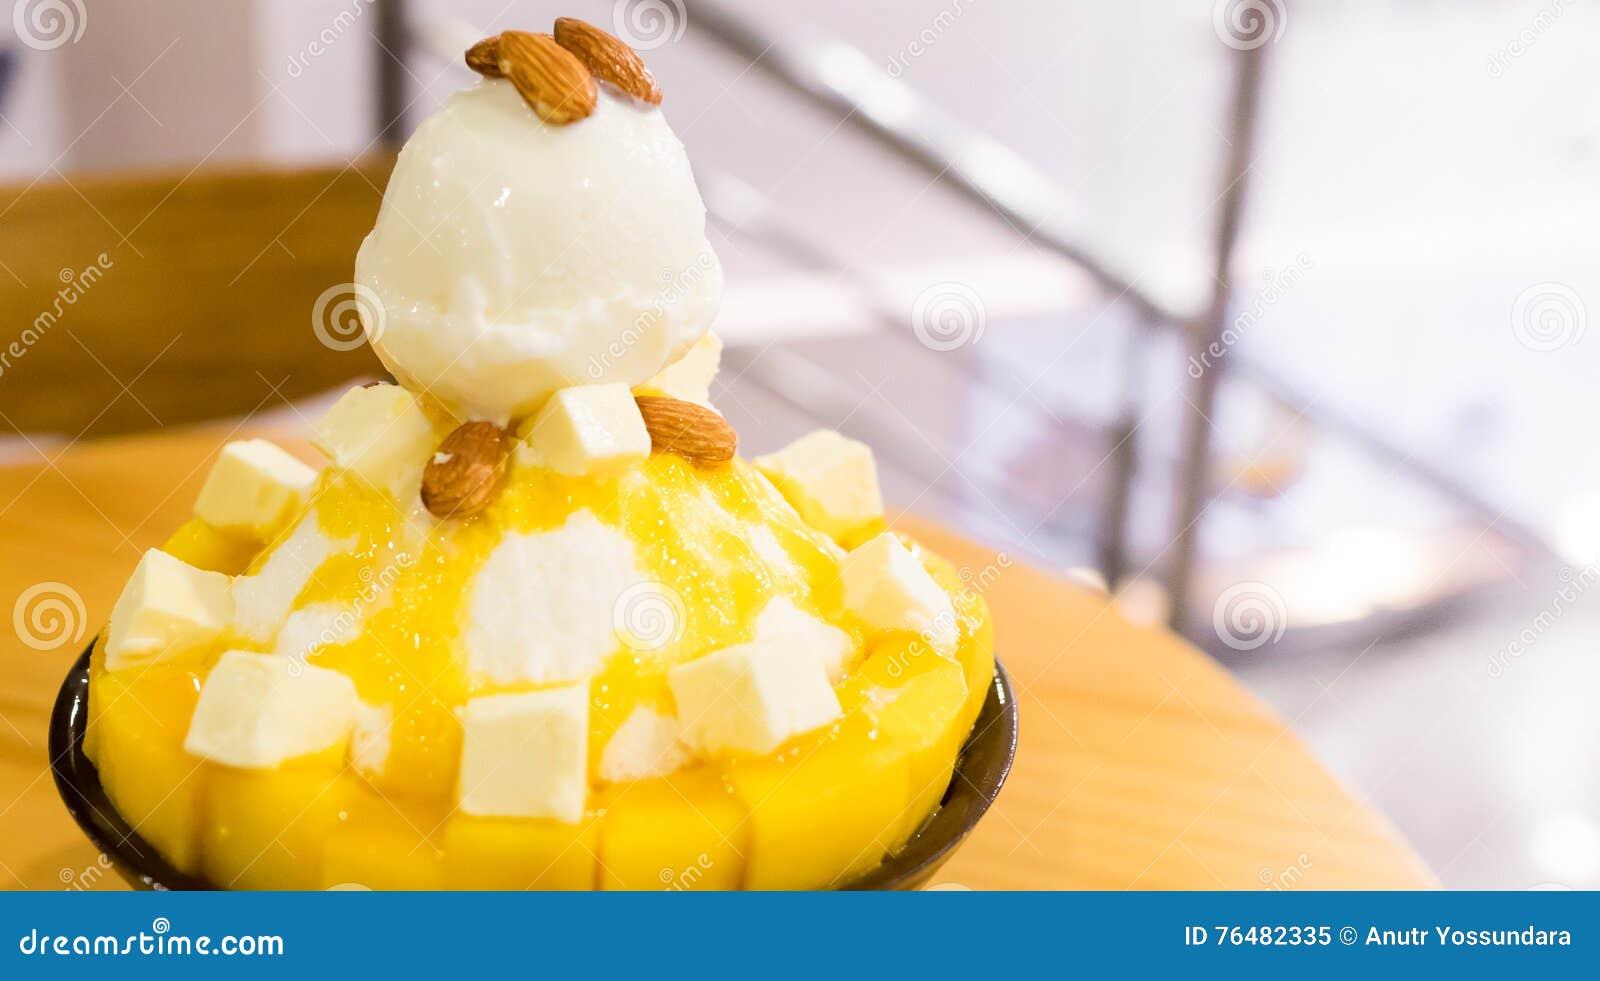 Orange Leaf Ice Cream Cake